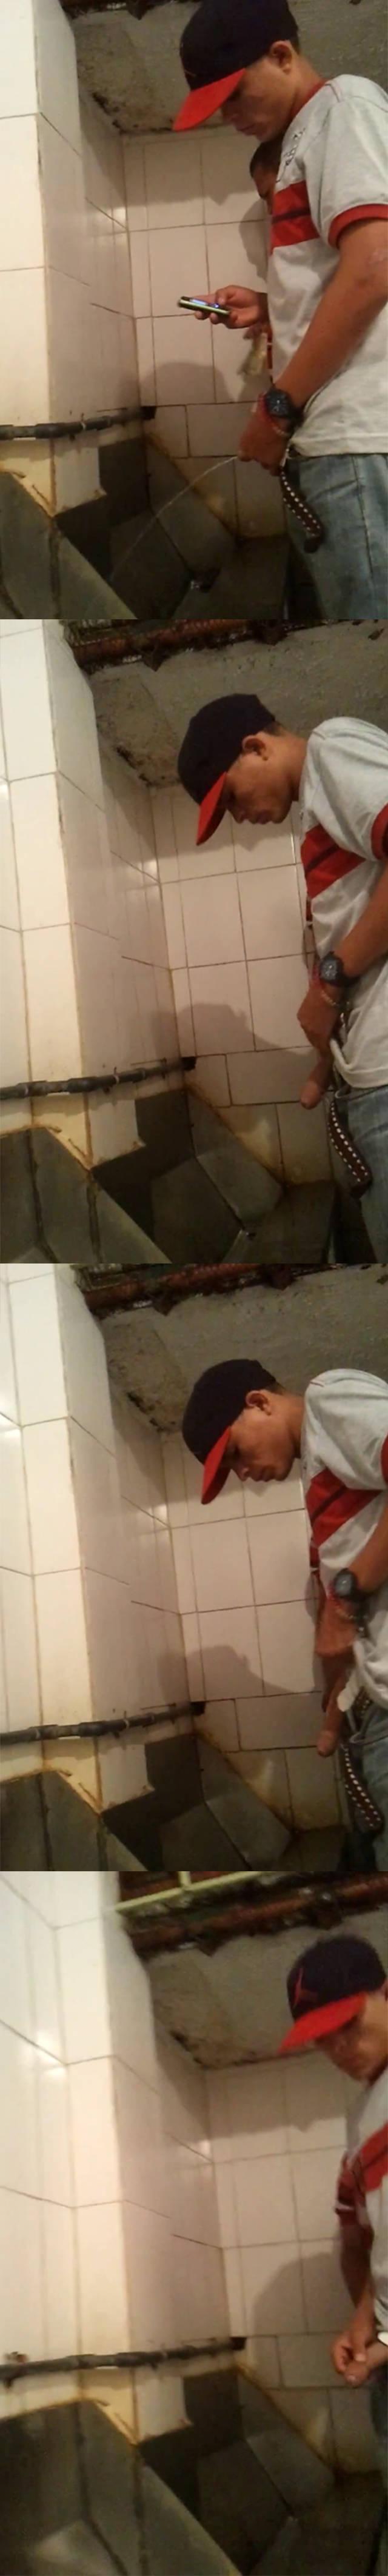 ericdeman big cock guy caught peeing urinal